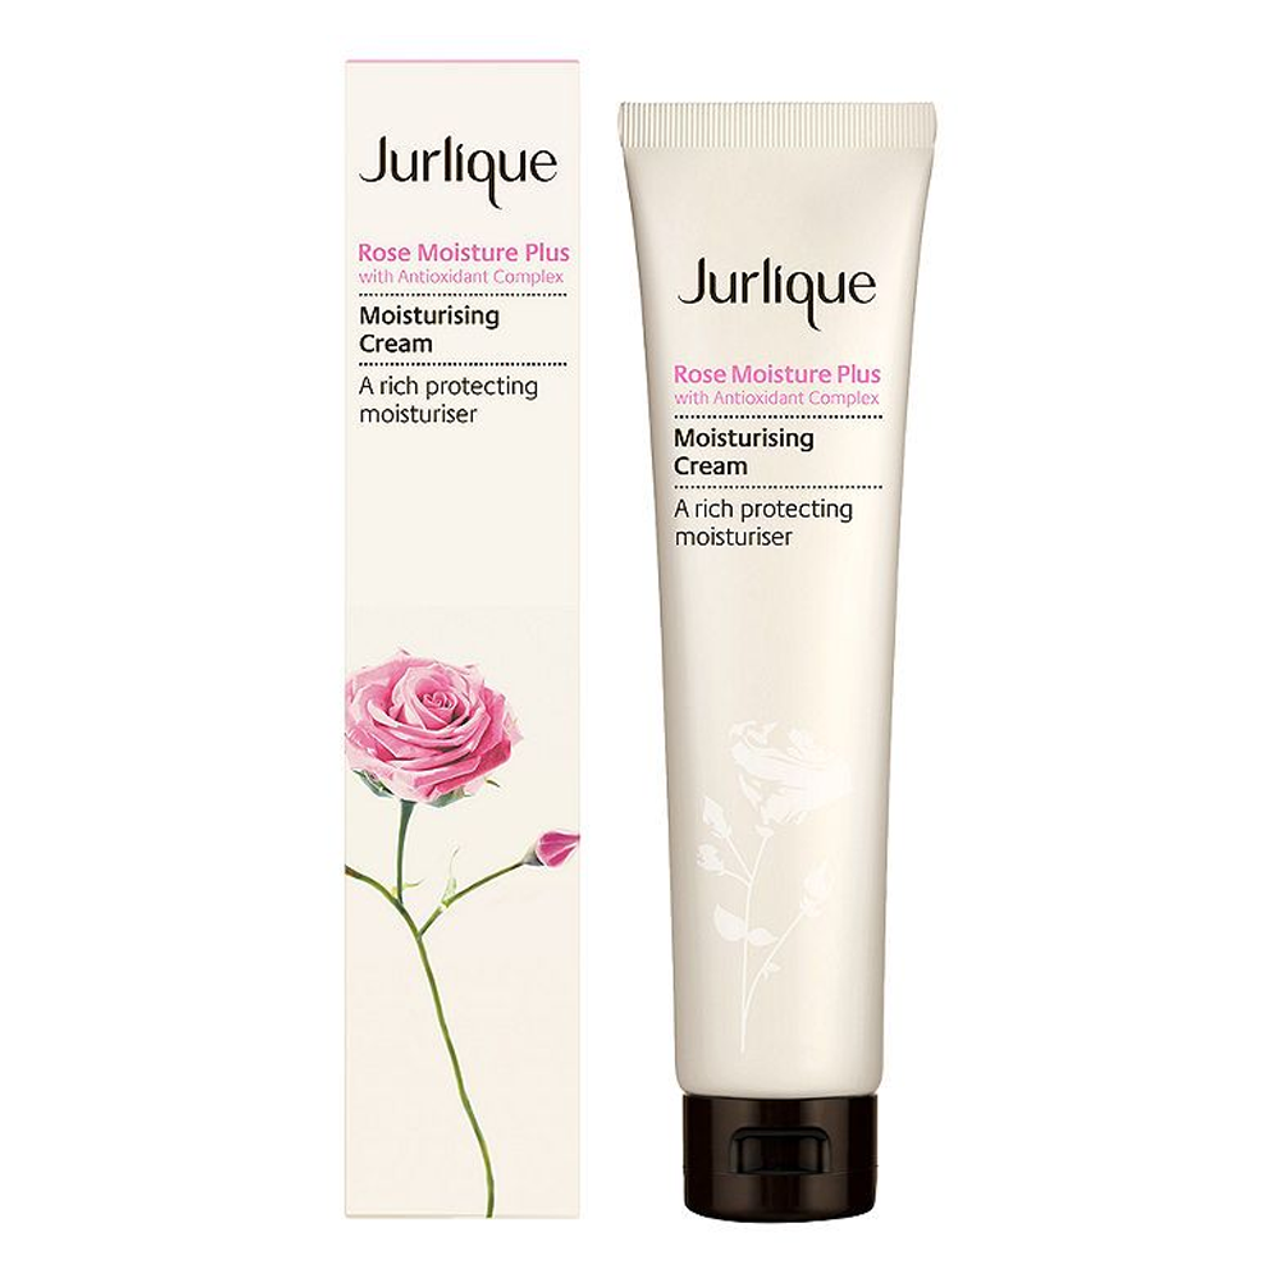 Jurlique Rose Moisture Plus Moisturizing Cream